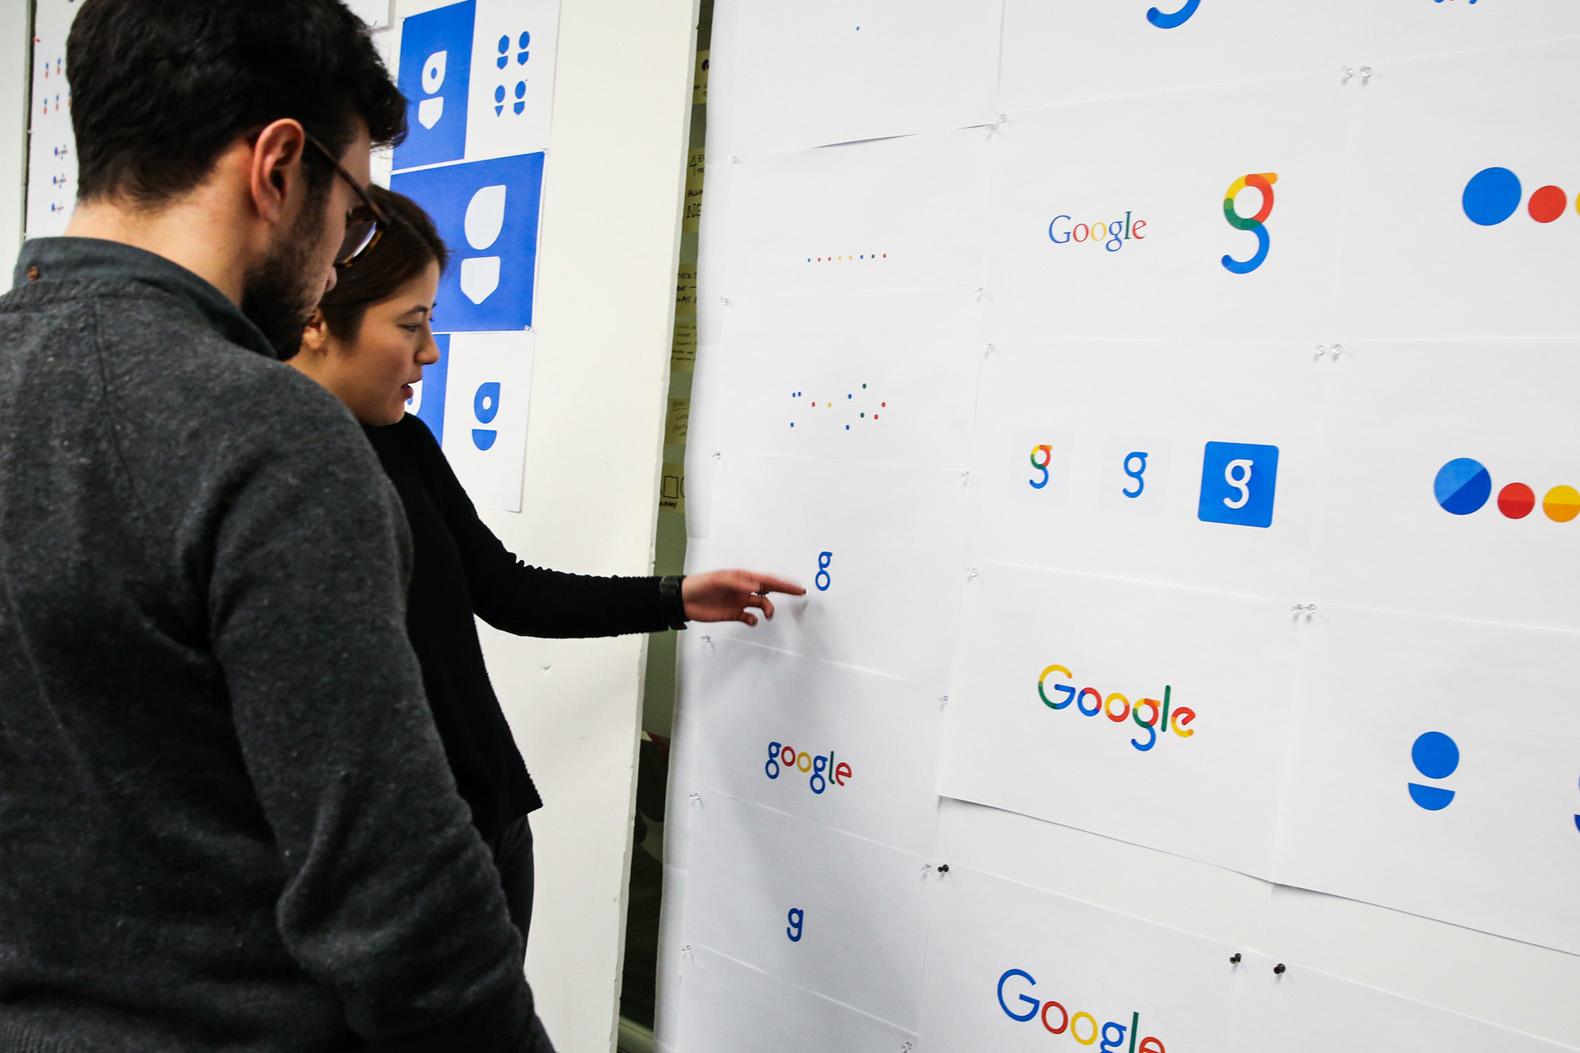 Come cercare lavoro in Google con la funzione Lavori? 2